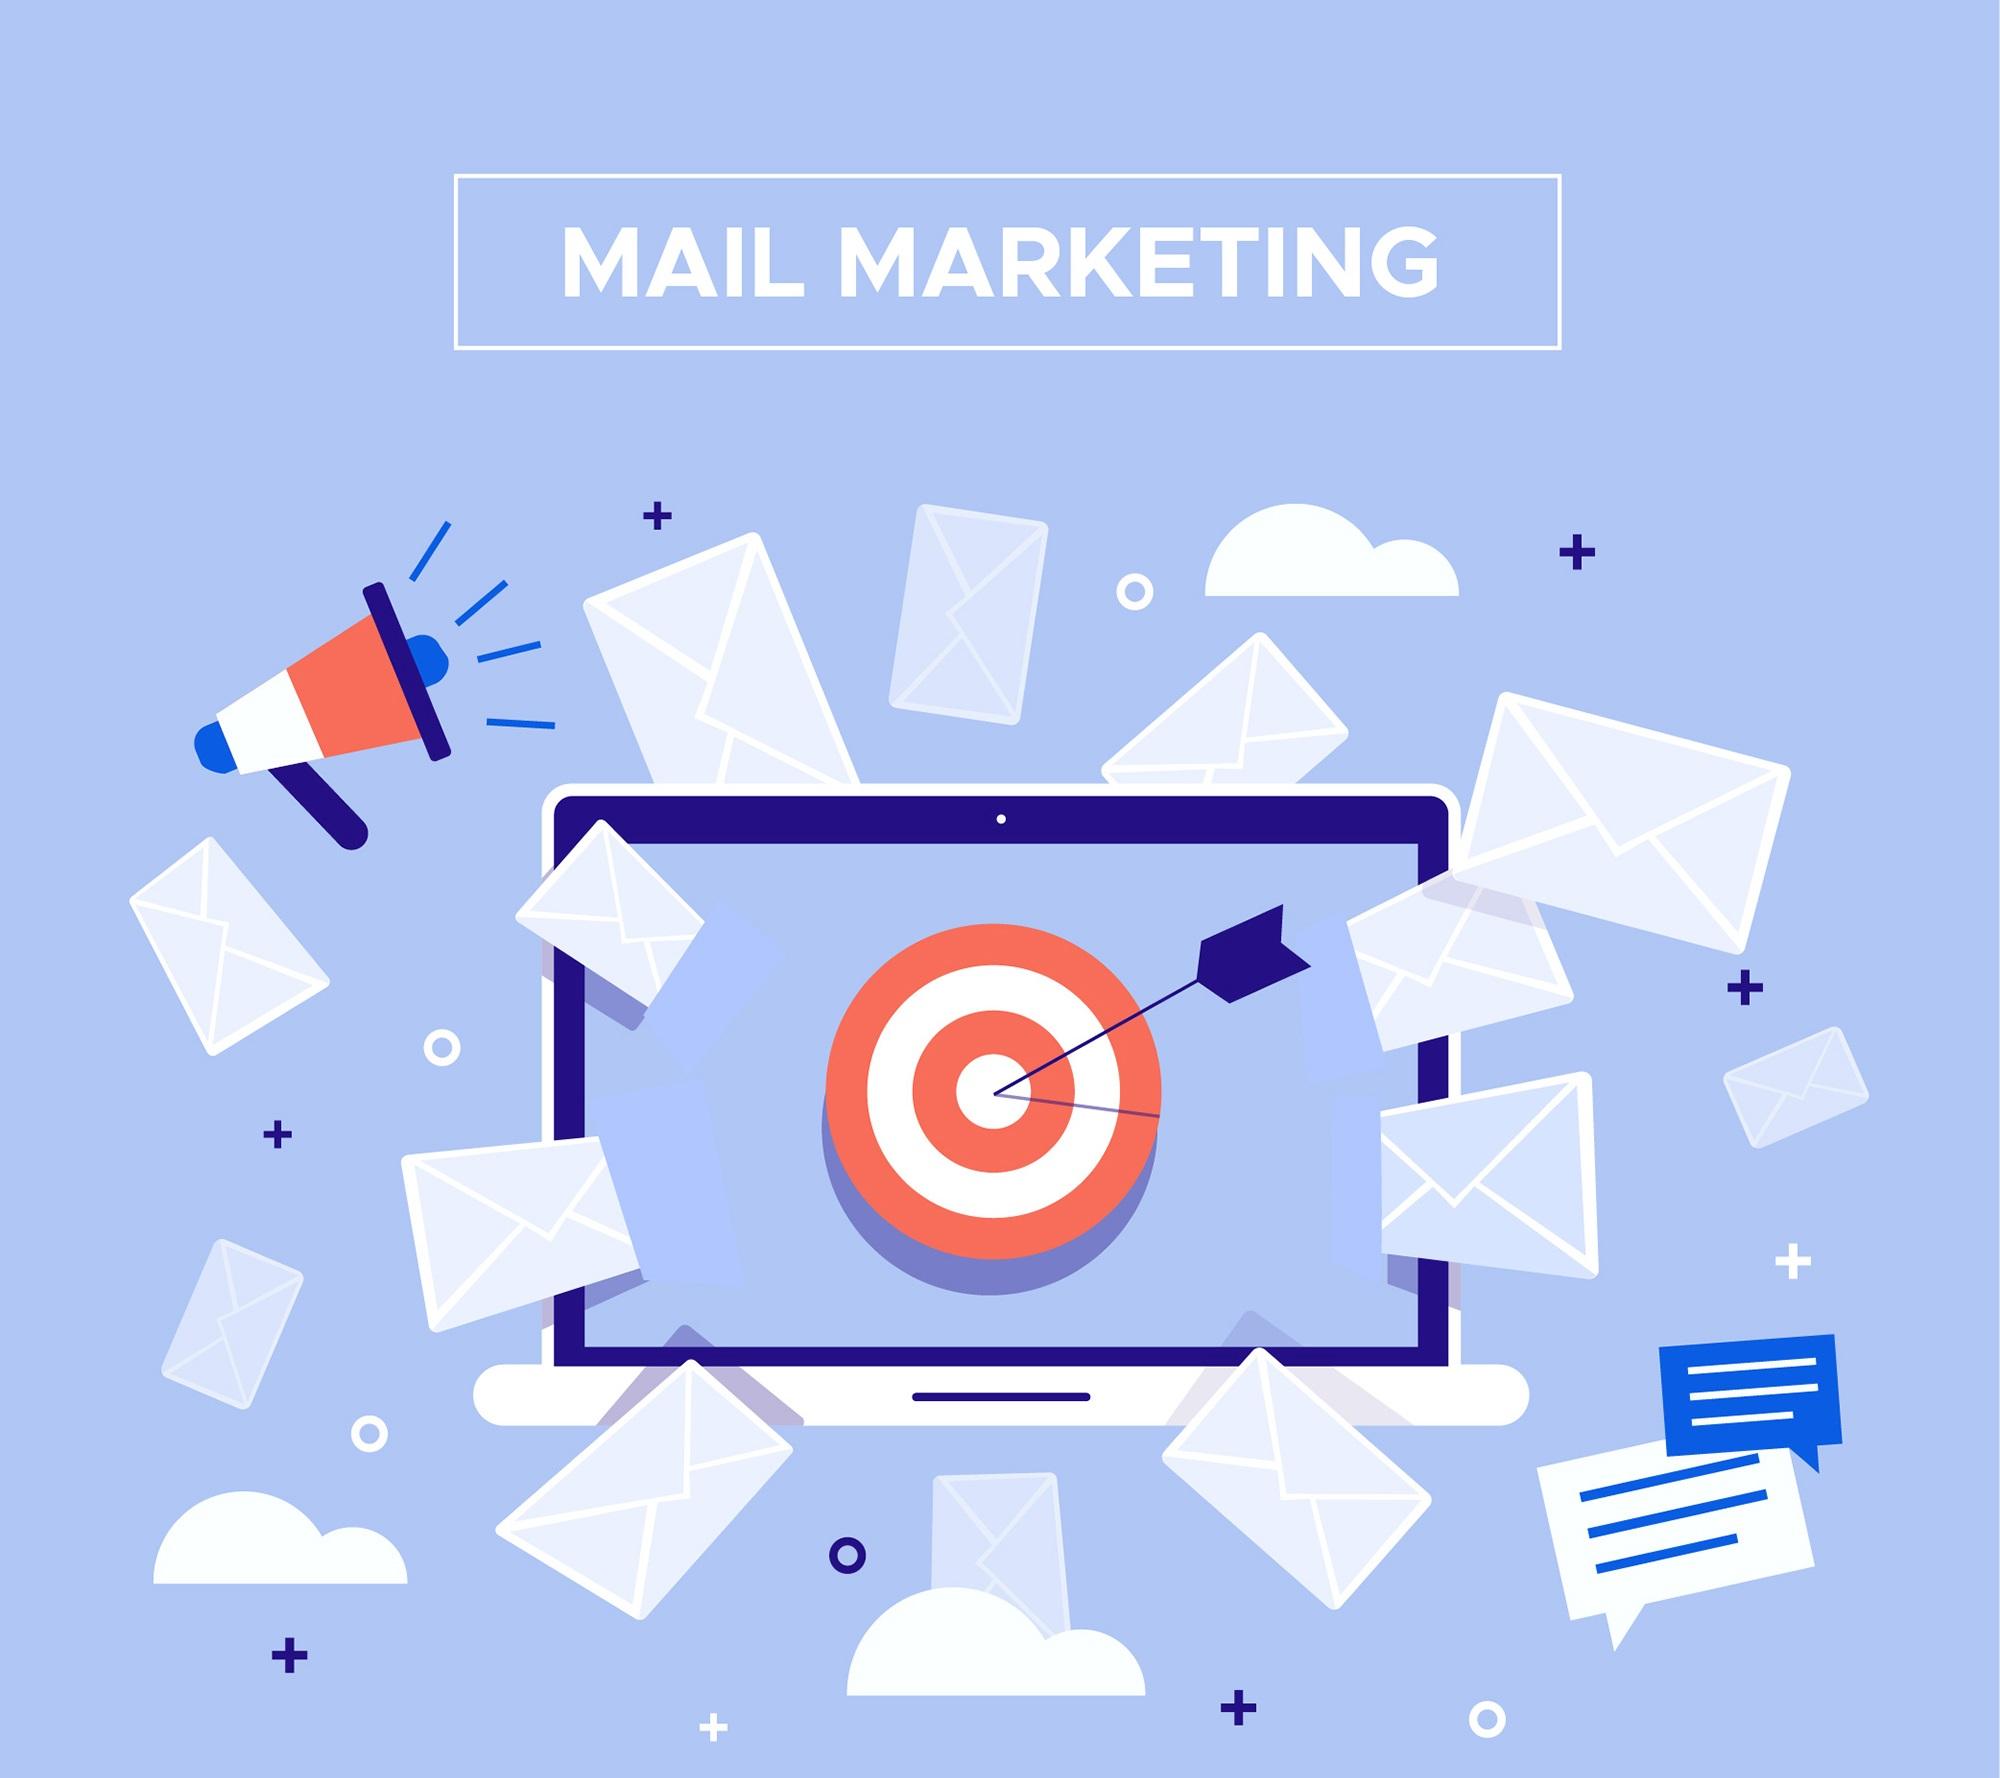 Mailing postale pisa lucca livorno, mailing digitale, invio posta pubblicitaria pisa lucca livorno,